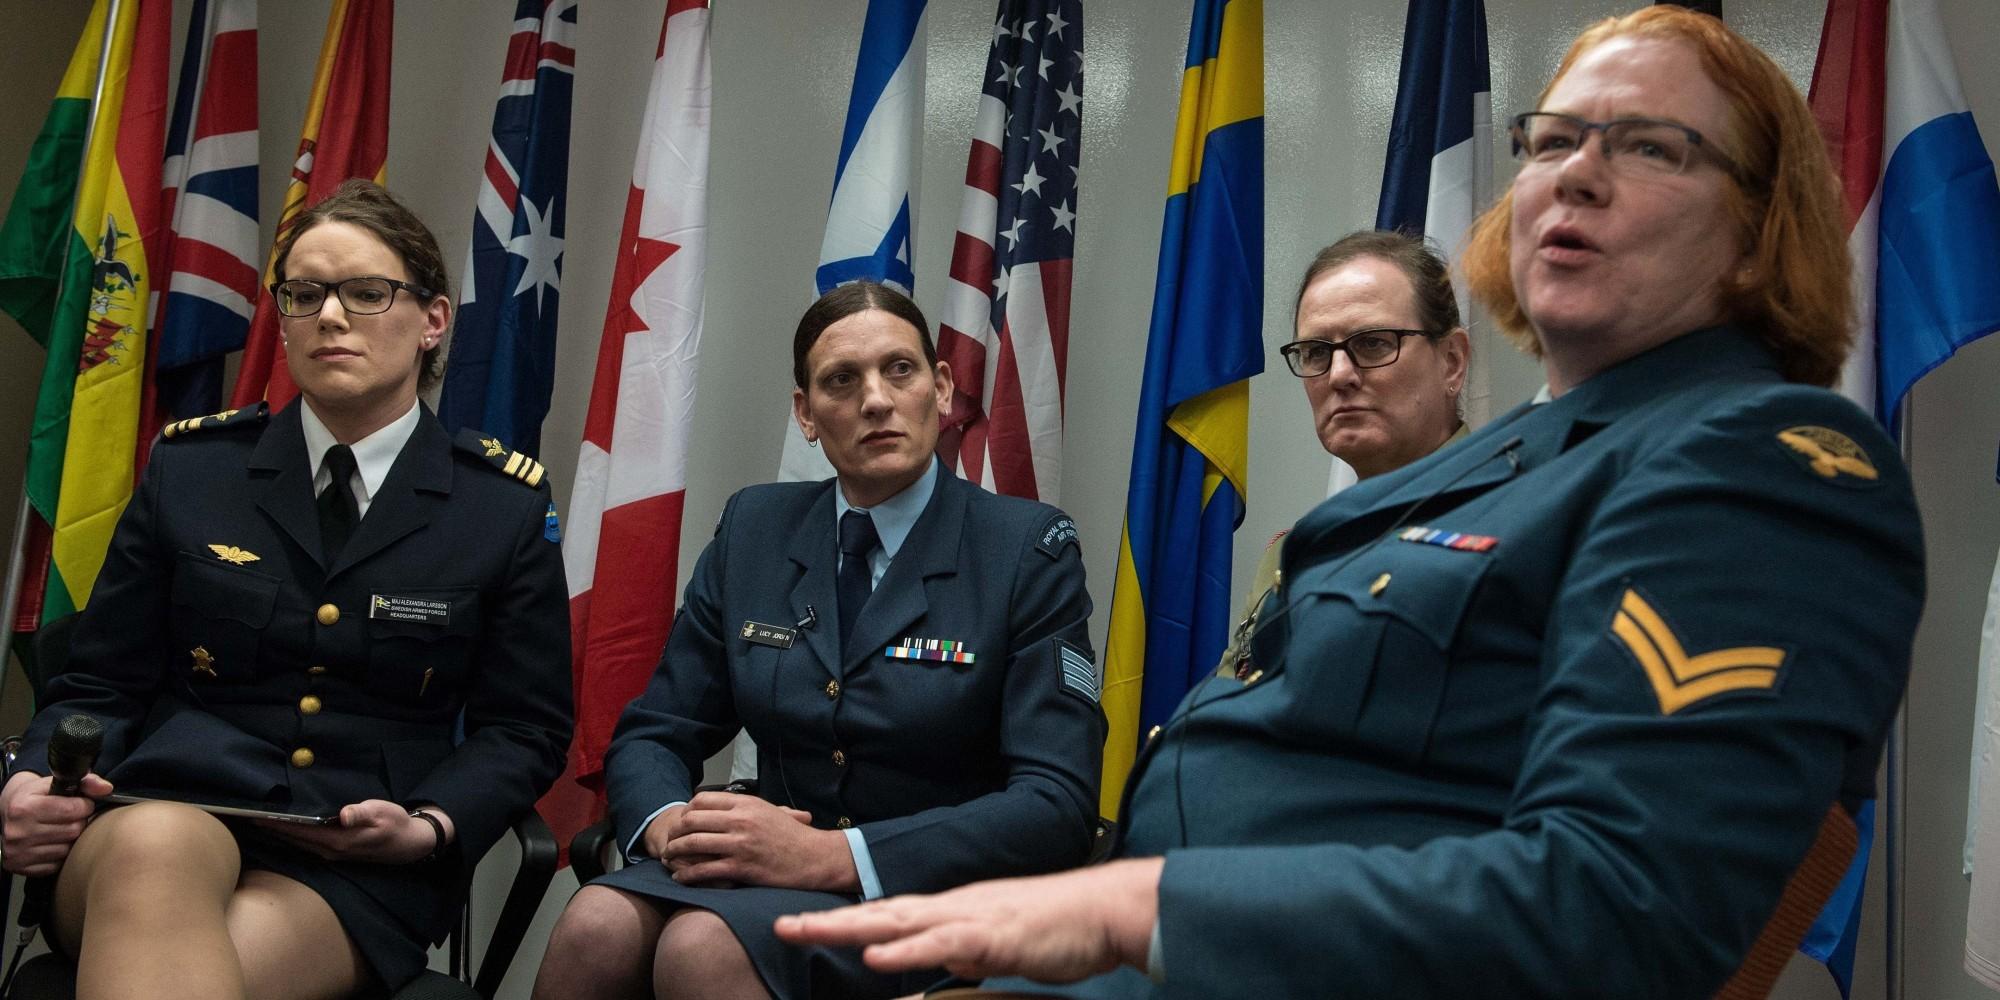 transvestiti-v-armii